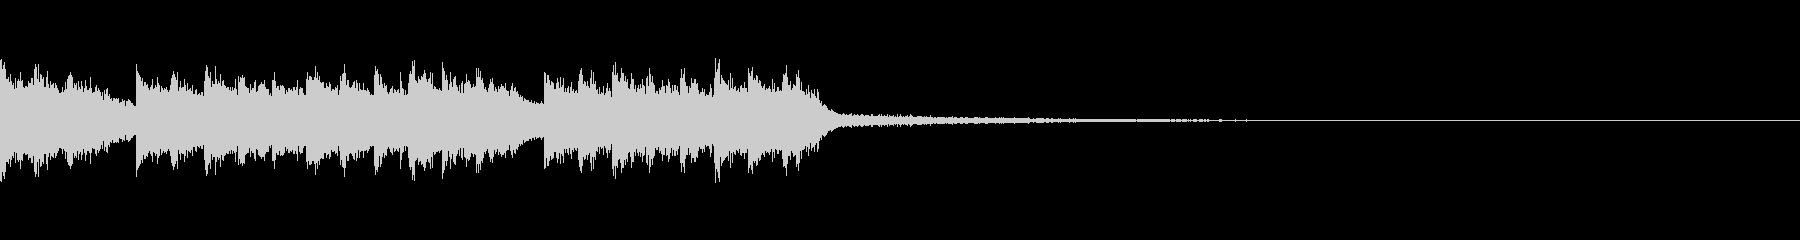 キャッチーなダークEDMジングルの未再生の波形